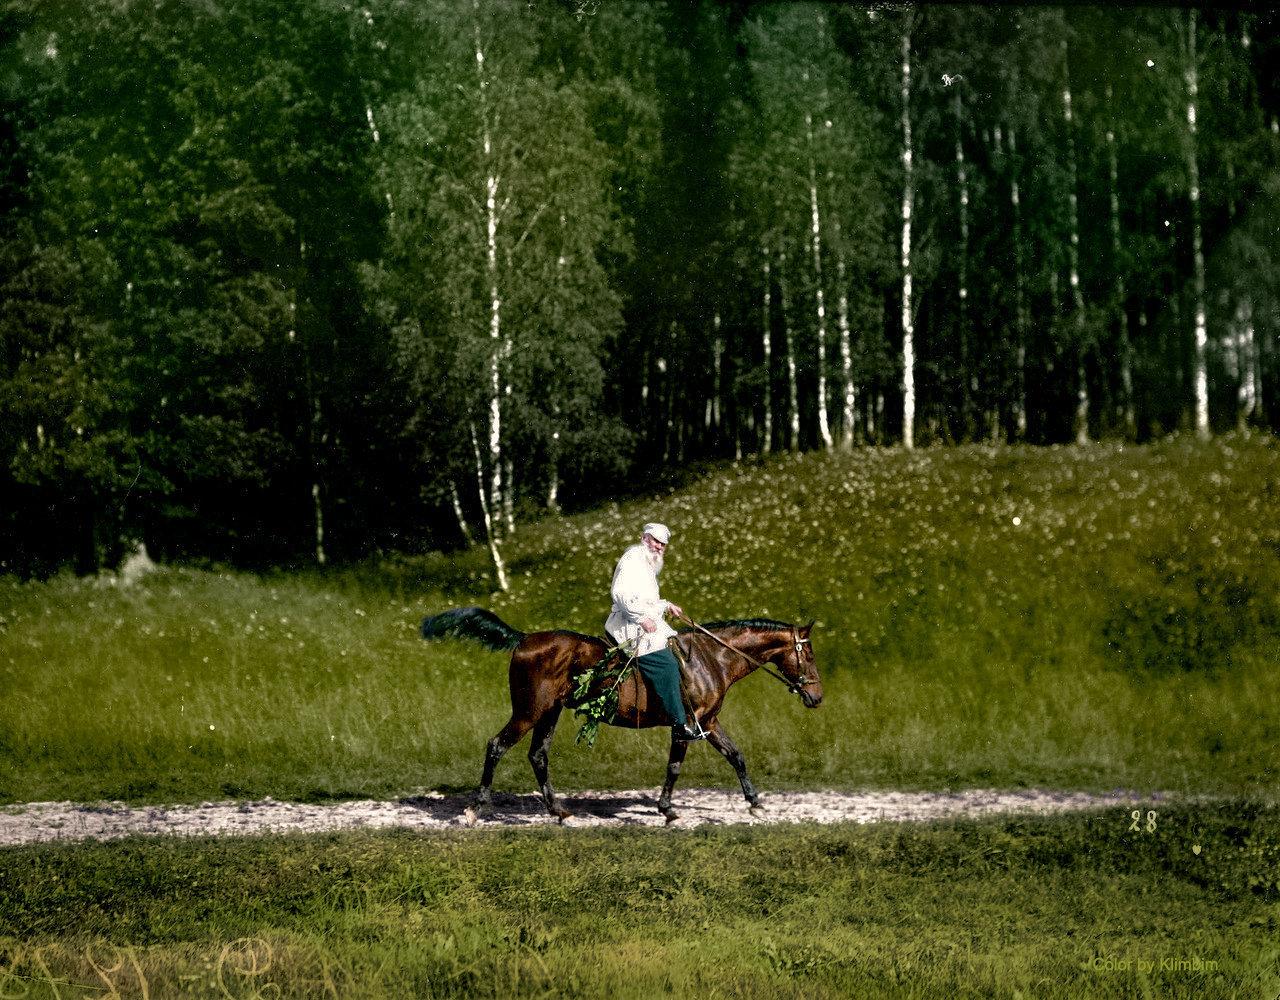 León Tolstói, famoso novelista ruso, durante un paseo a caballo en 1908